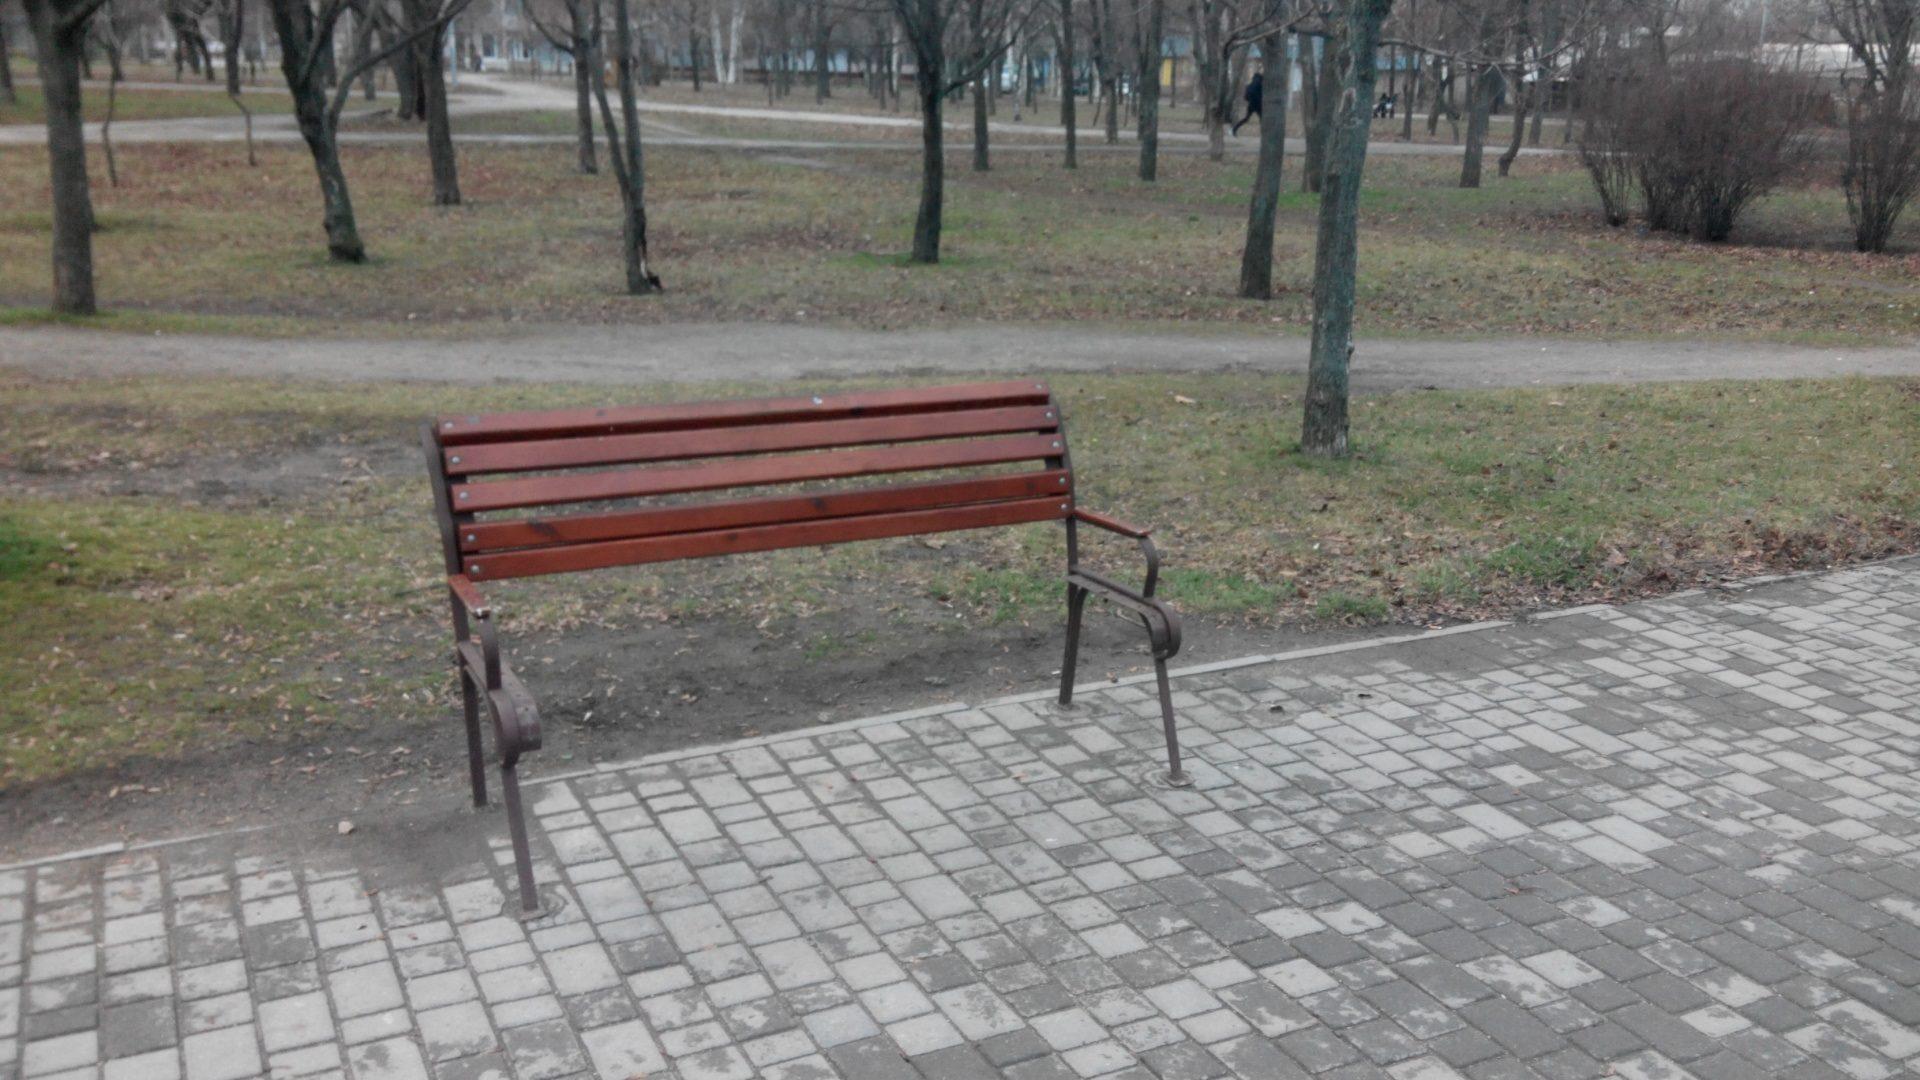 Благоустрій, який не цінують: в Запоріжжі вандали пошкодили нові лавки в парку, — ФОТО